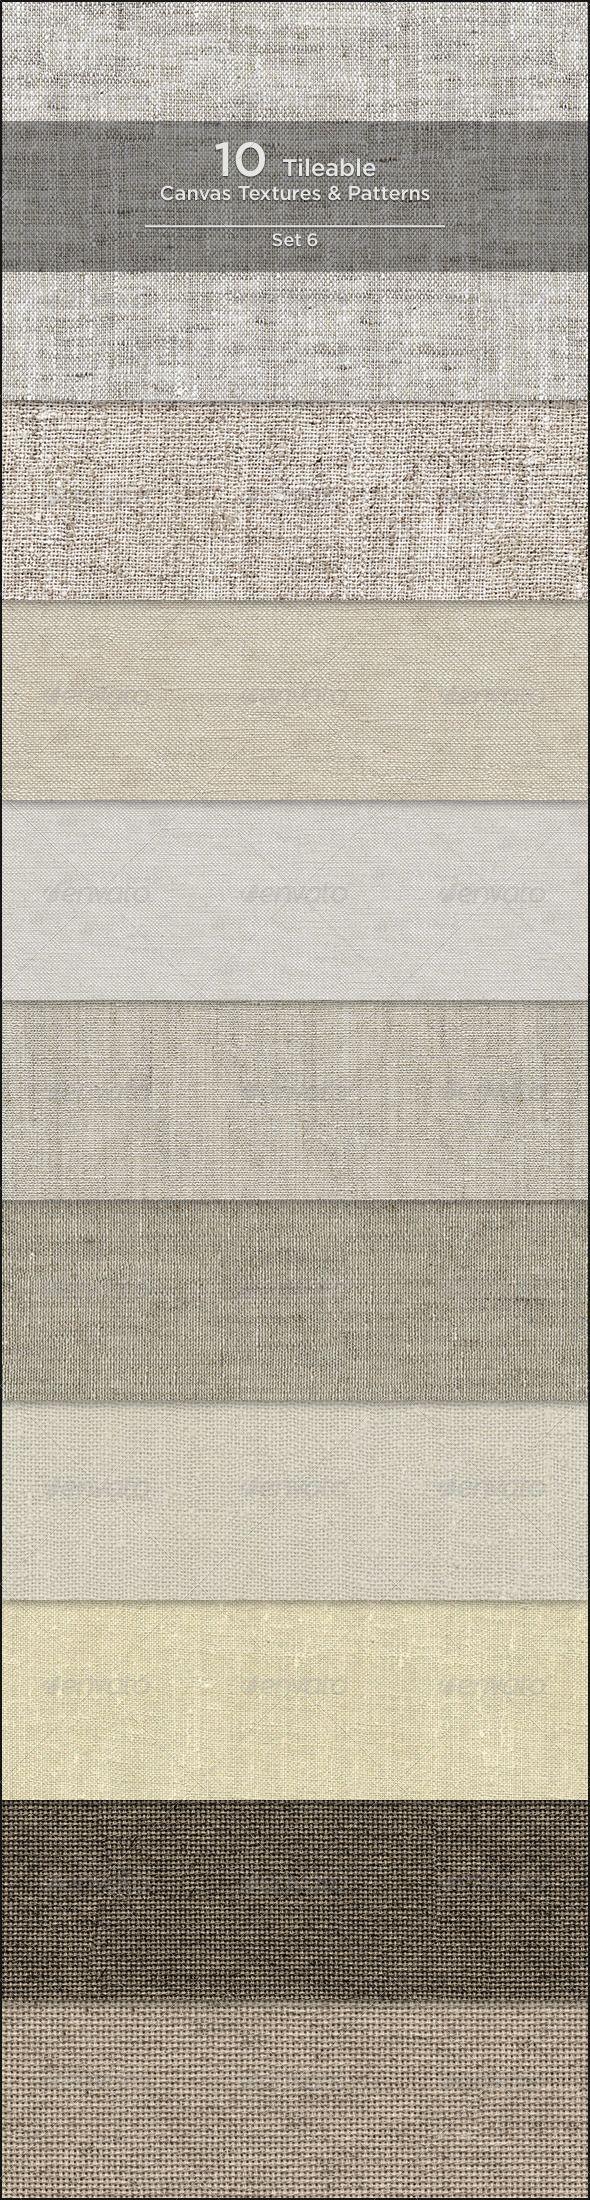 Interior wall texture seamless nacatstudio web design  tileable canvas textures